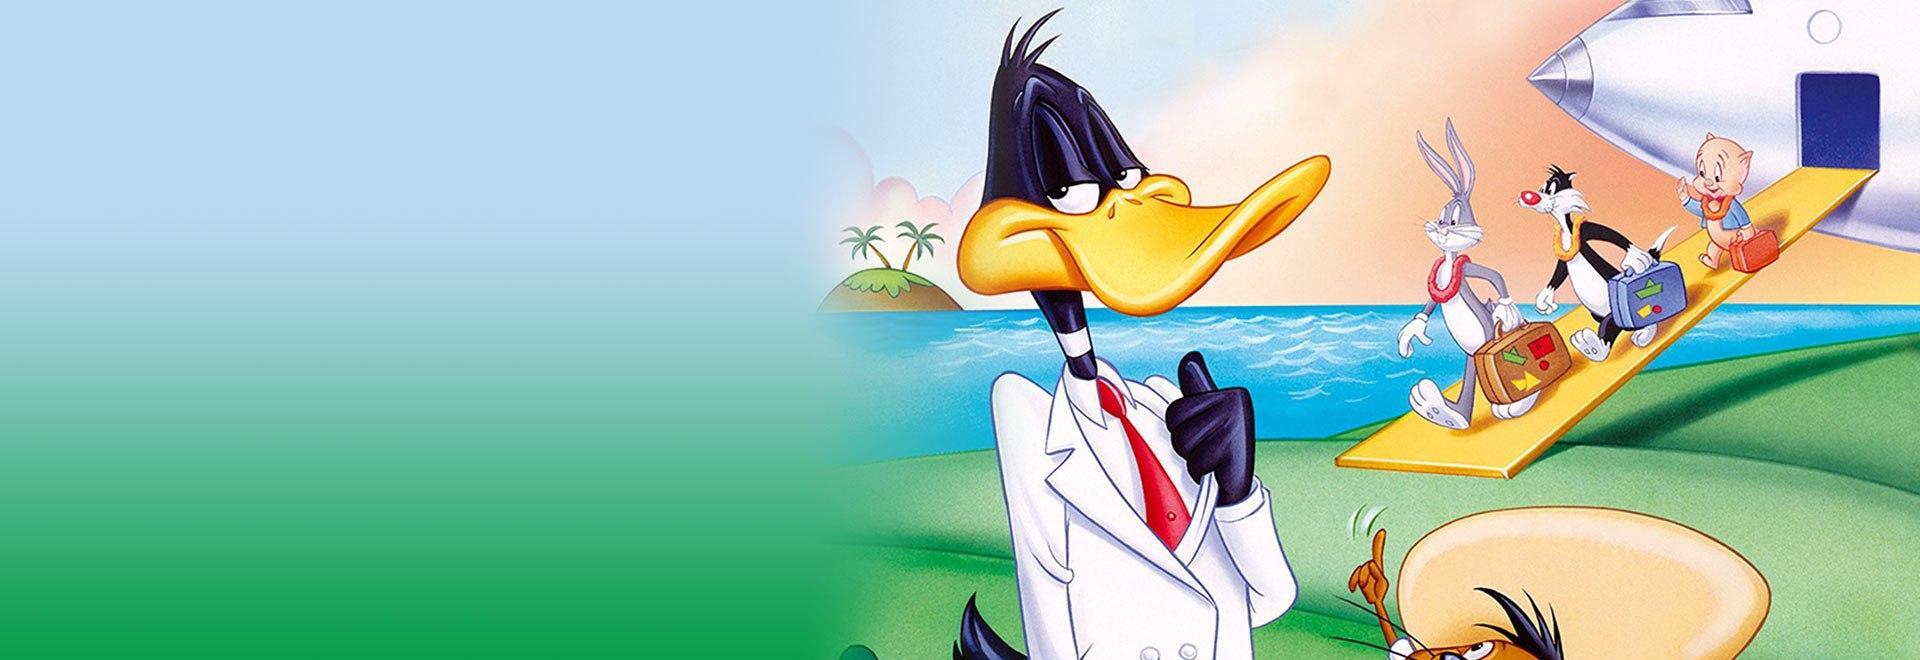 Daffy Duck e l'isola fantastica